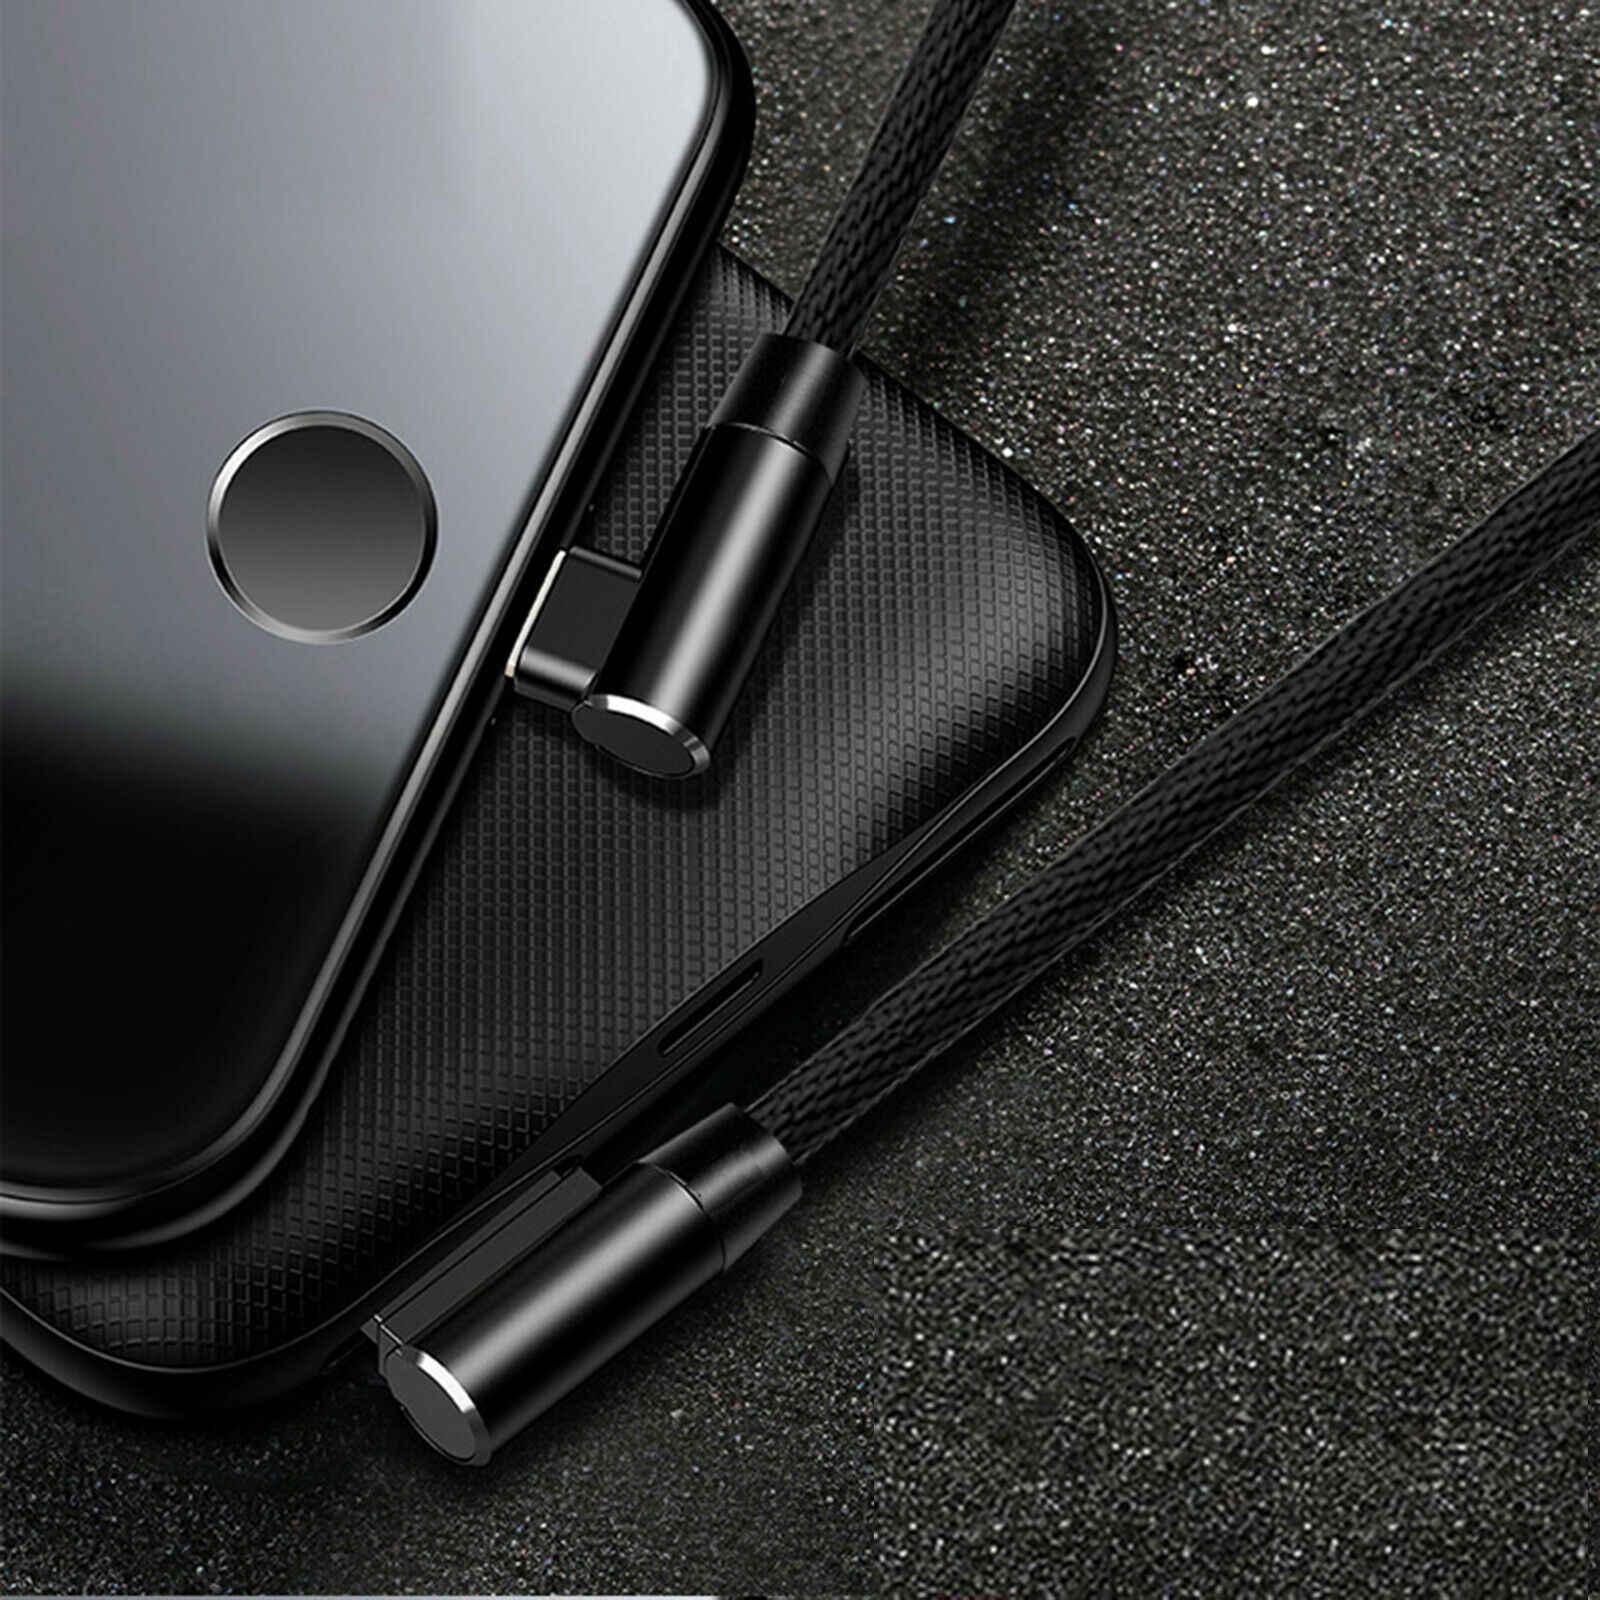 90 gradi Cavo USB per il iPhone XS Max XR X 8 7 6 6s 5 5S di Ricarica Veloce adattatore Cavo di Dati del caricatore del Cavo Del Telefono Mobile